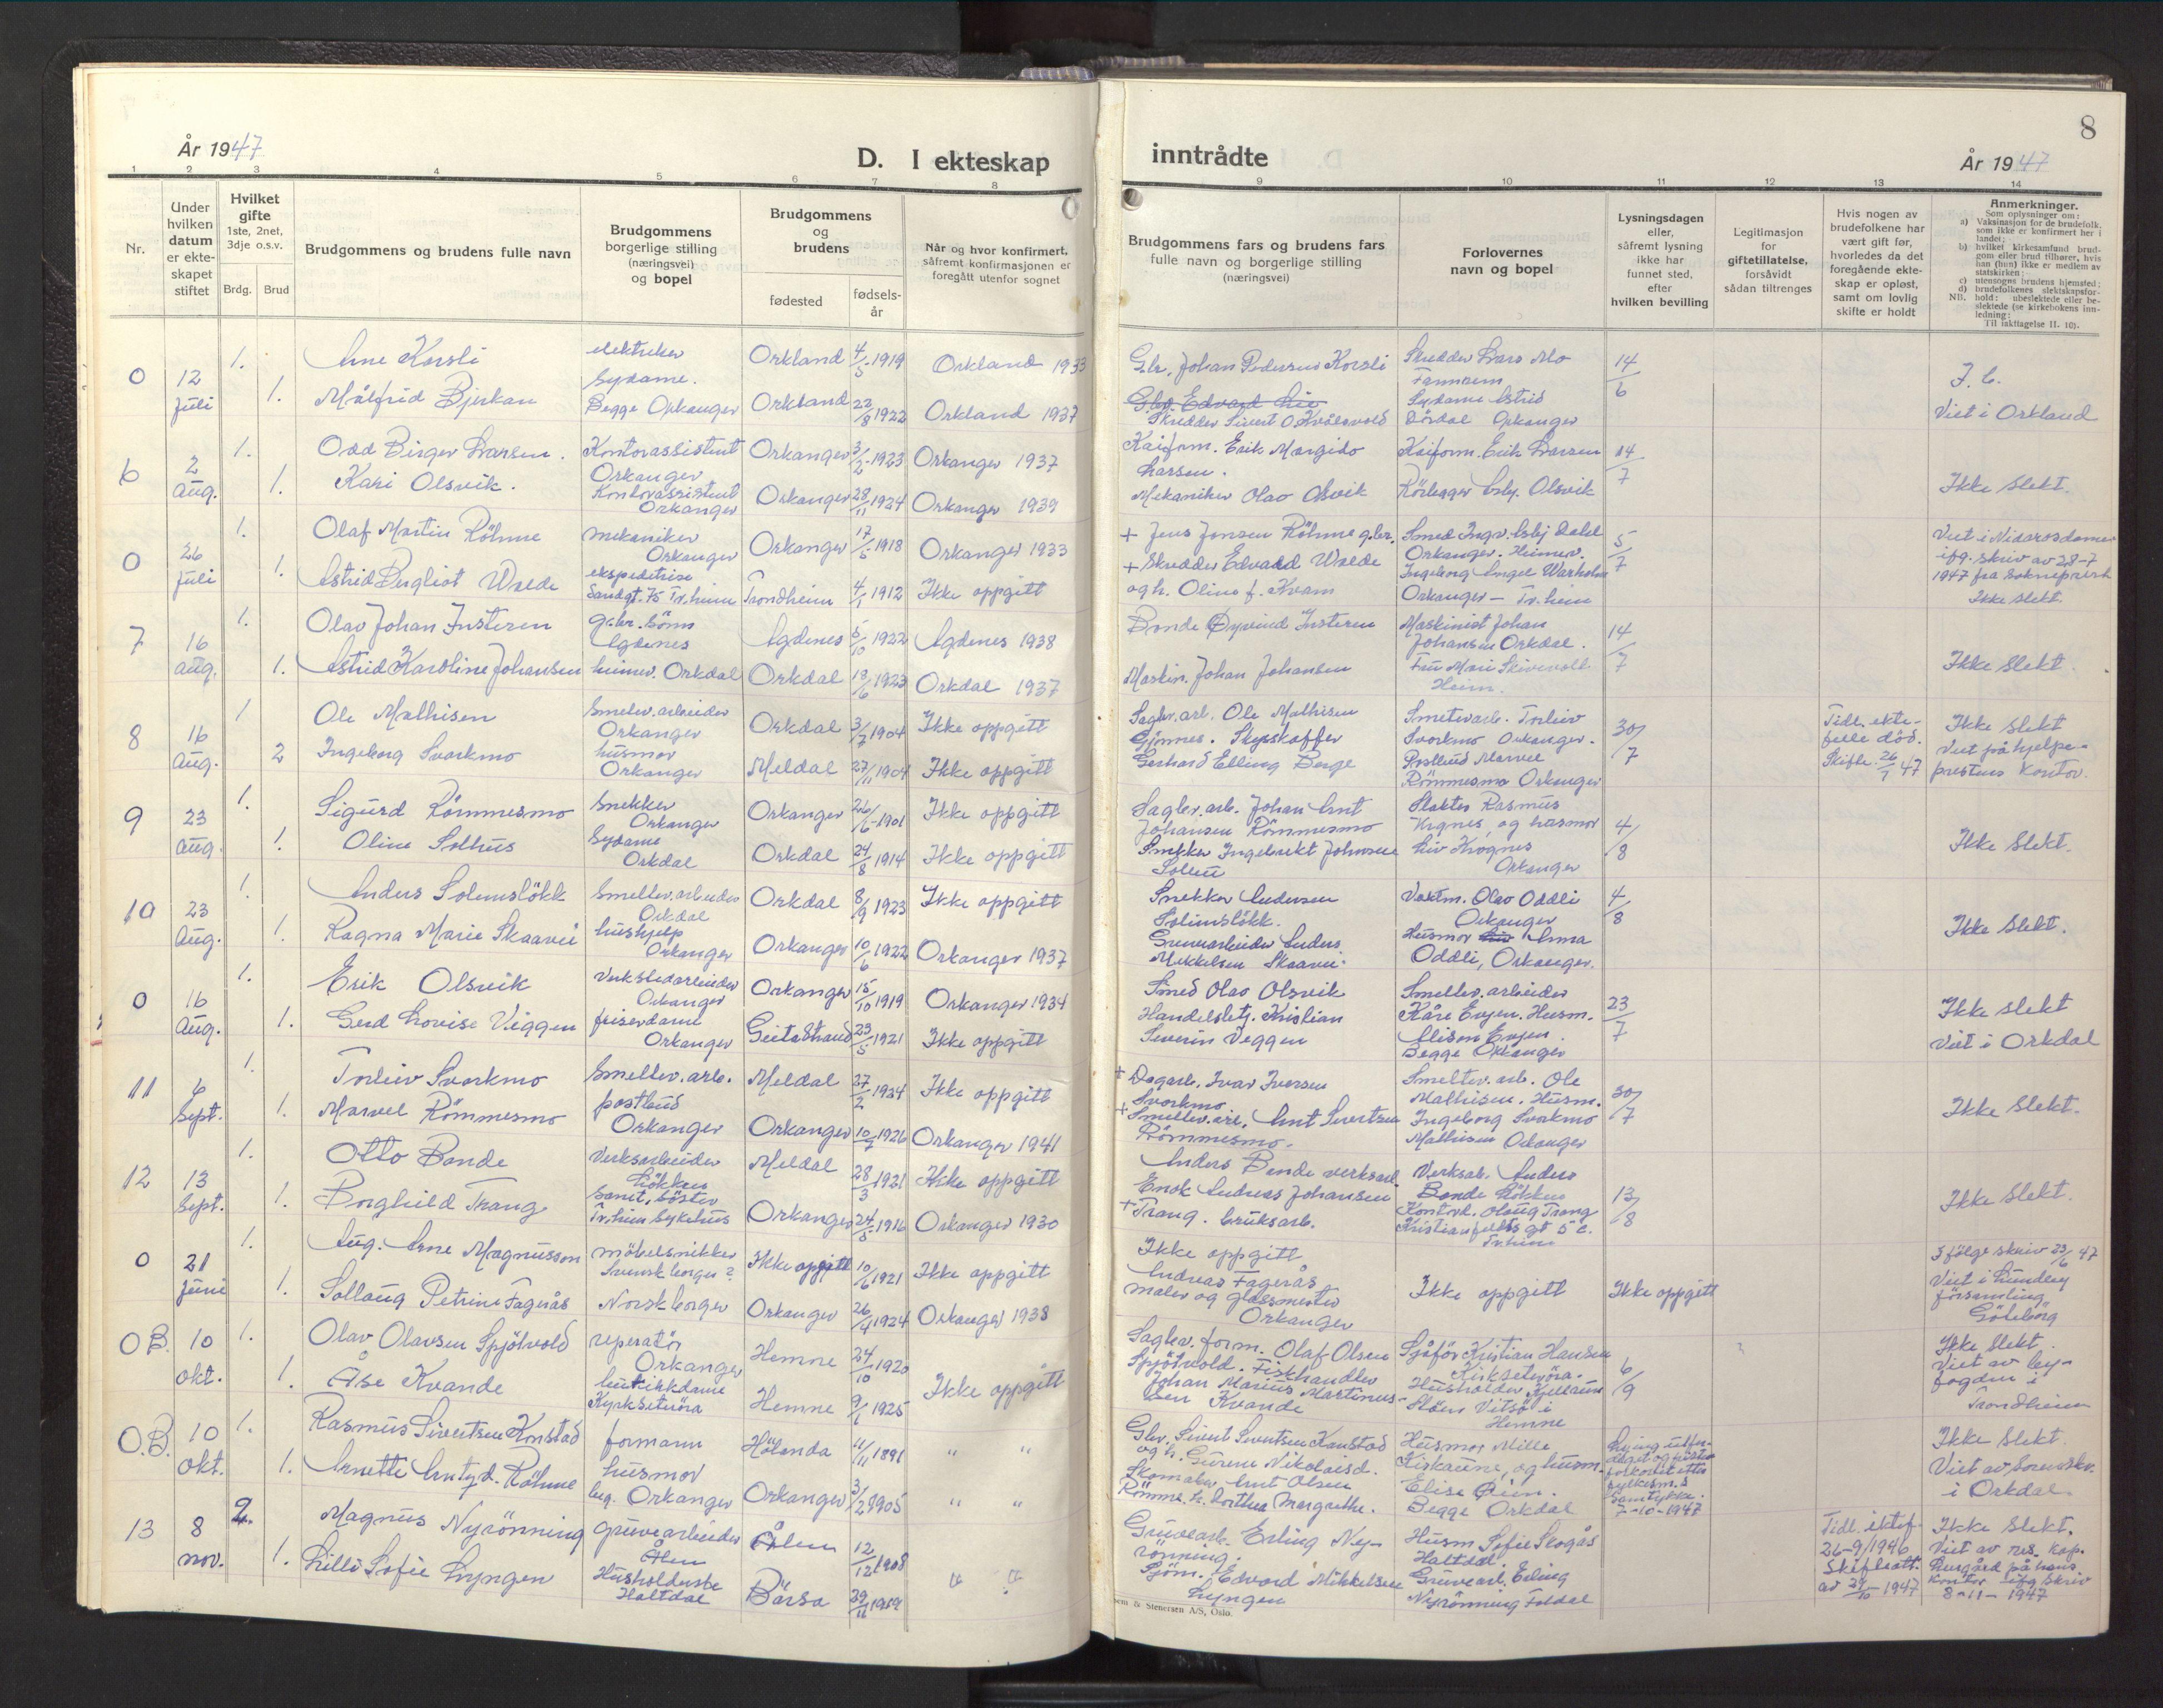 SAT, Ministerialprotokoller, klokkerbøker og fødselsregistre - Sør-Trøndelag, 669/L0833: Klokkerbok nr. 669C03, 1945-1950, s. 8